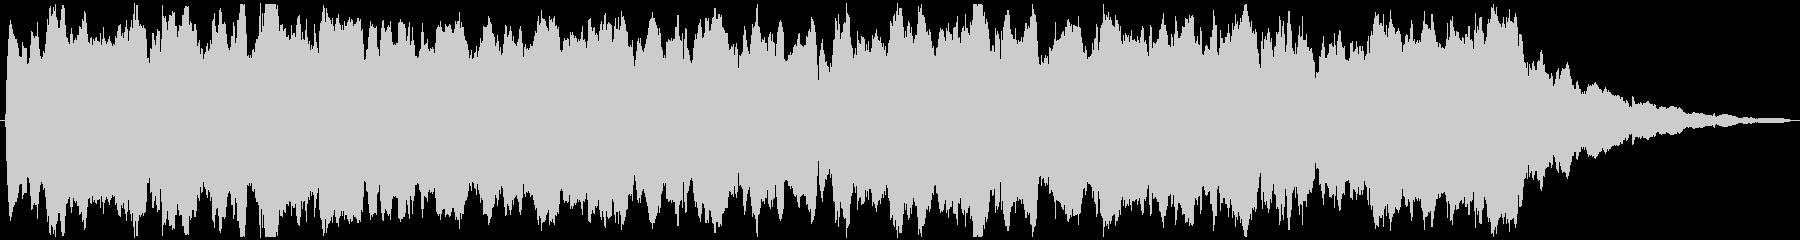 ドローン フライコンベンション01の未再生の波形